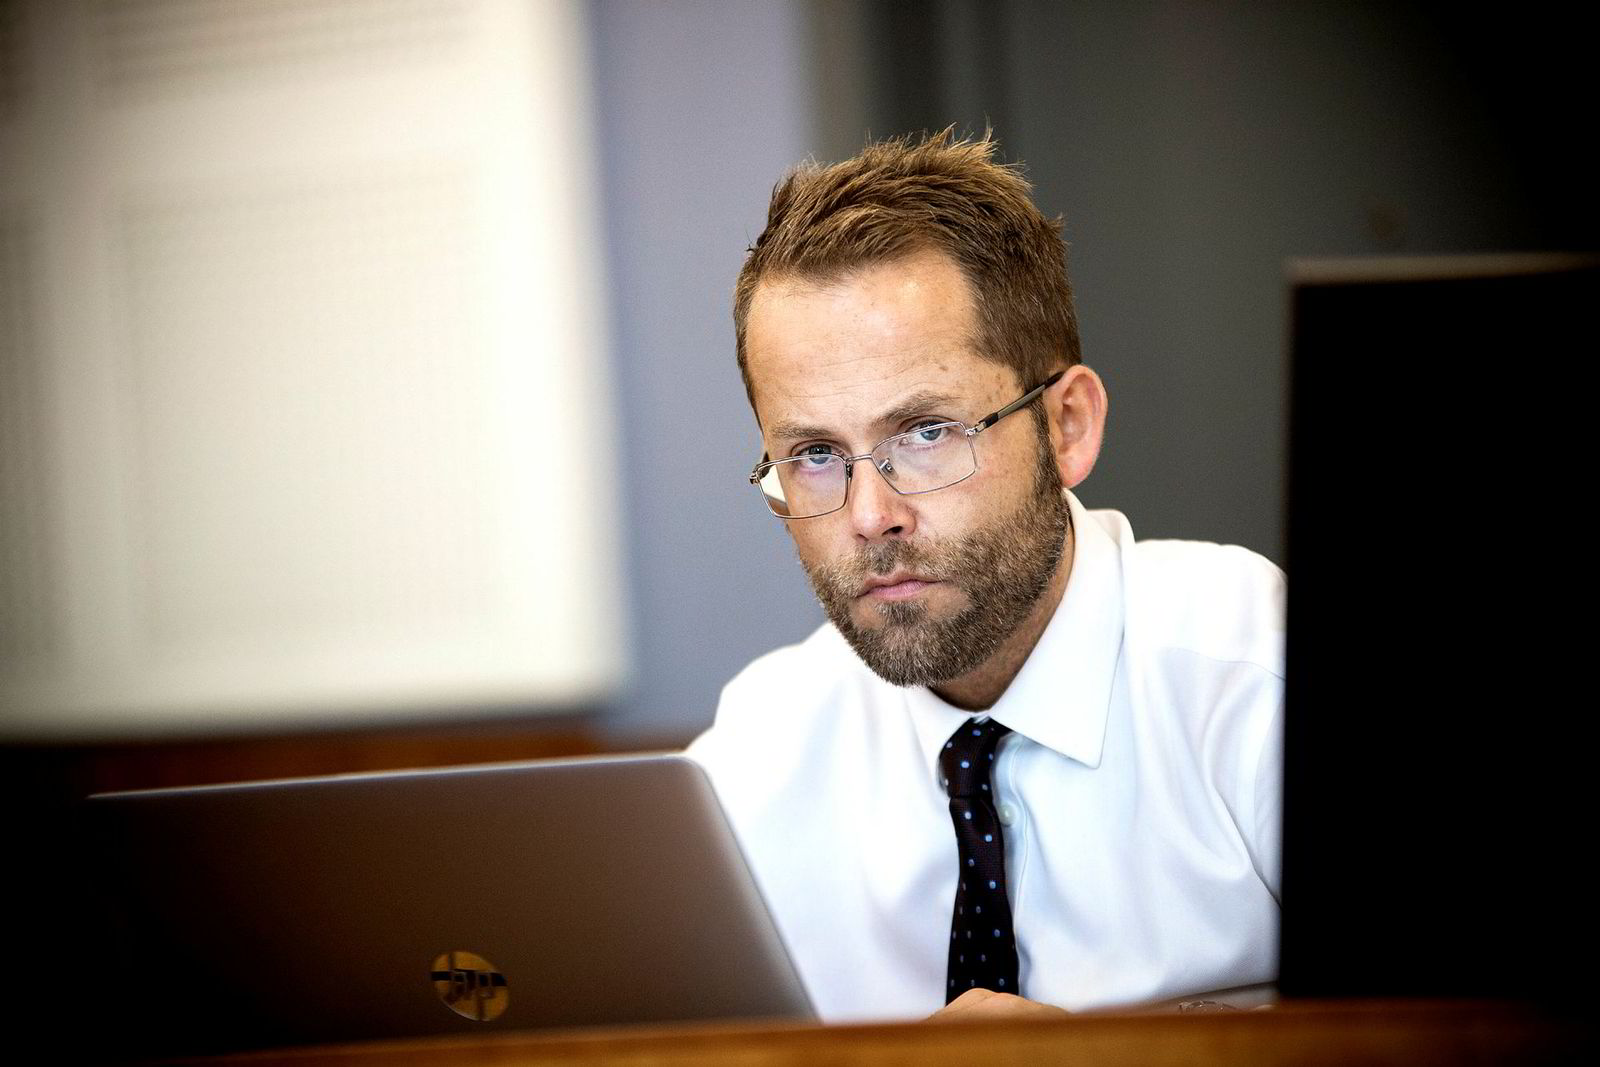 Max Henrik Jespersen fra advokatfirmaet Elden har forsvart Madsen i to rettsinstanser og sier Madsen er overrasket over dommen og vurderer anke til Høyesterett.